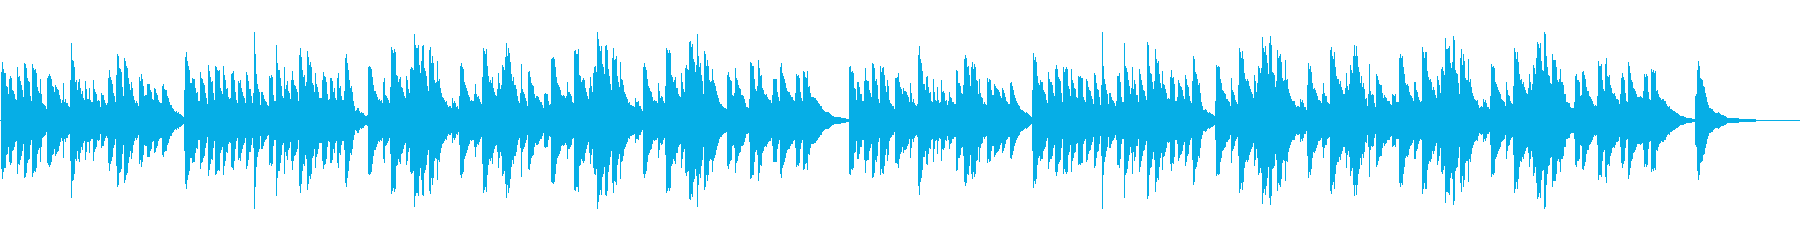 優しい・癒し・オルゴールの再生済みの波形